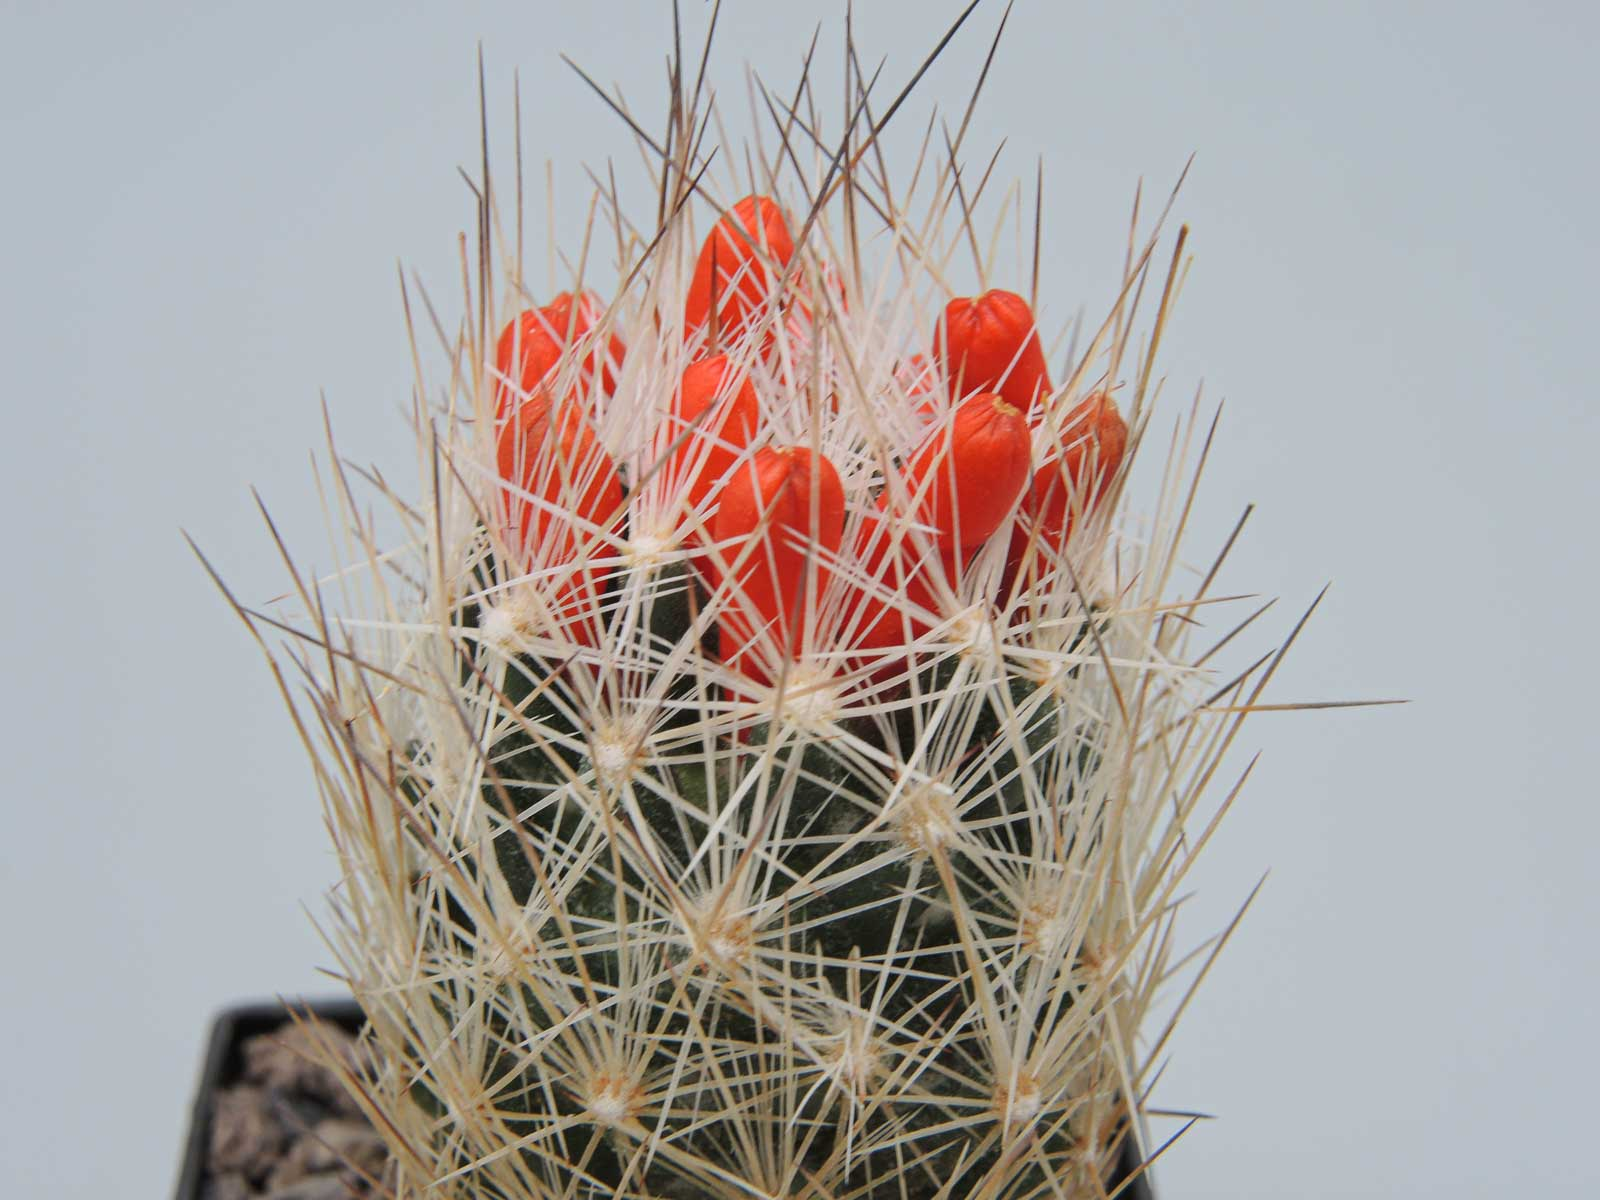 Escobaria zilziana Bustamente Nuevo Leon